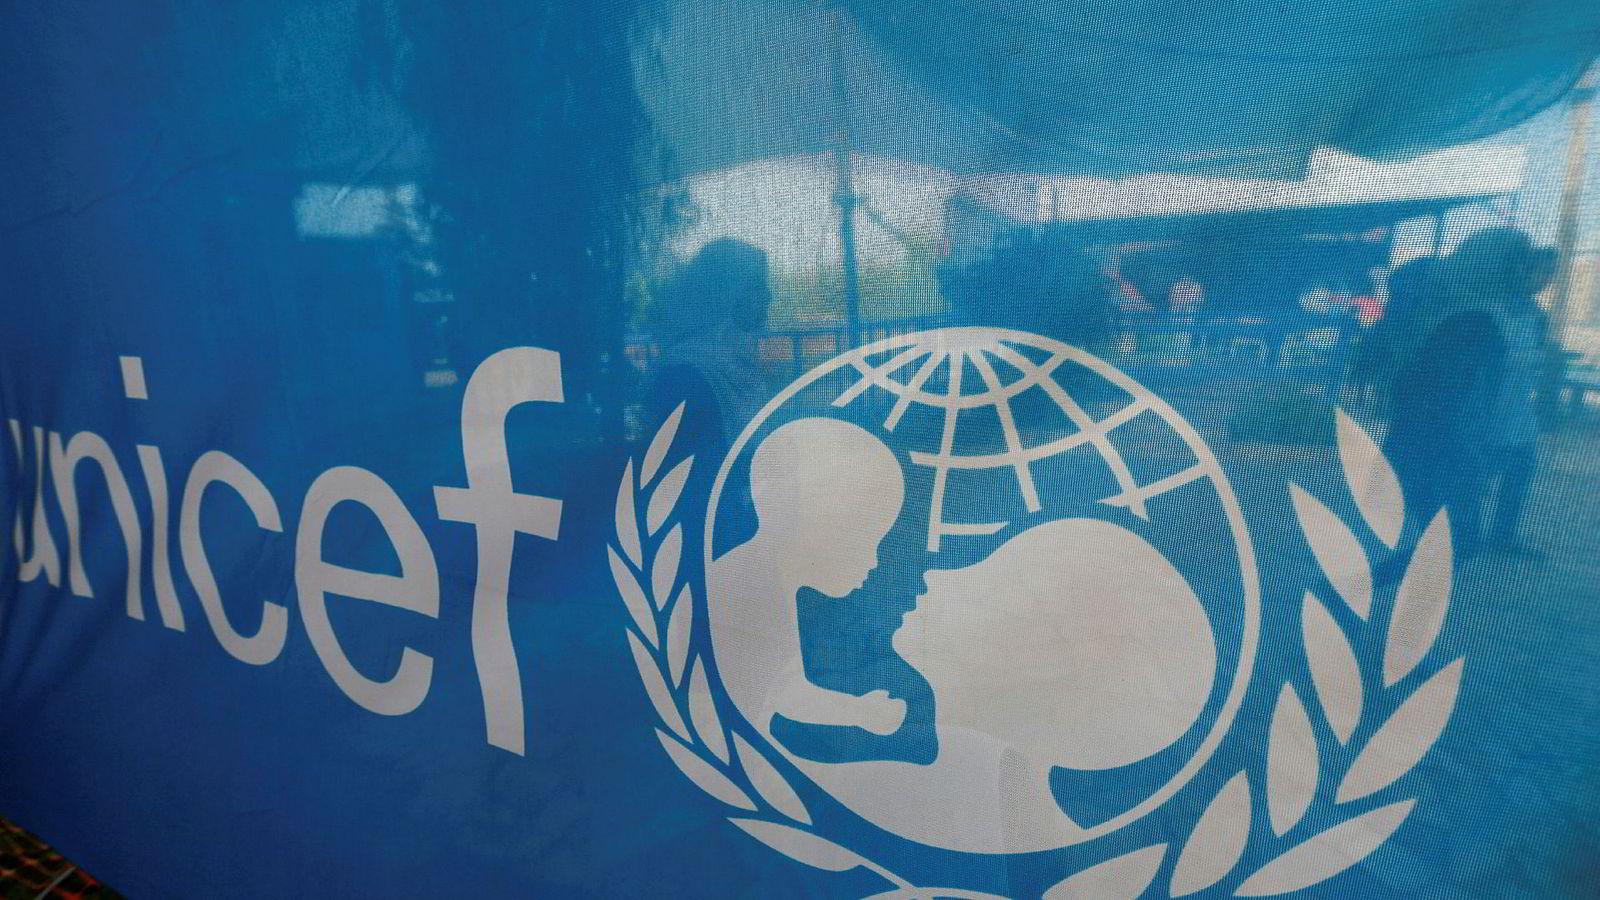 NTNU-prosjekt skal forske på helsetilstanden i verden har blant annet fått støtte fra UNICEF.